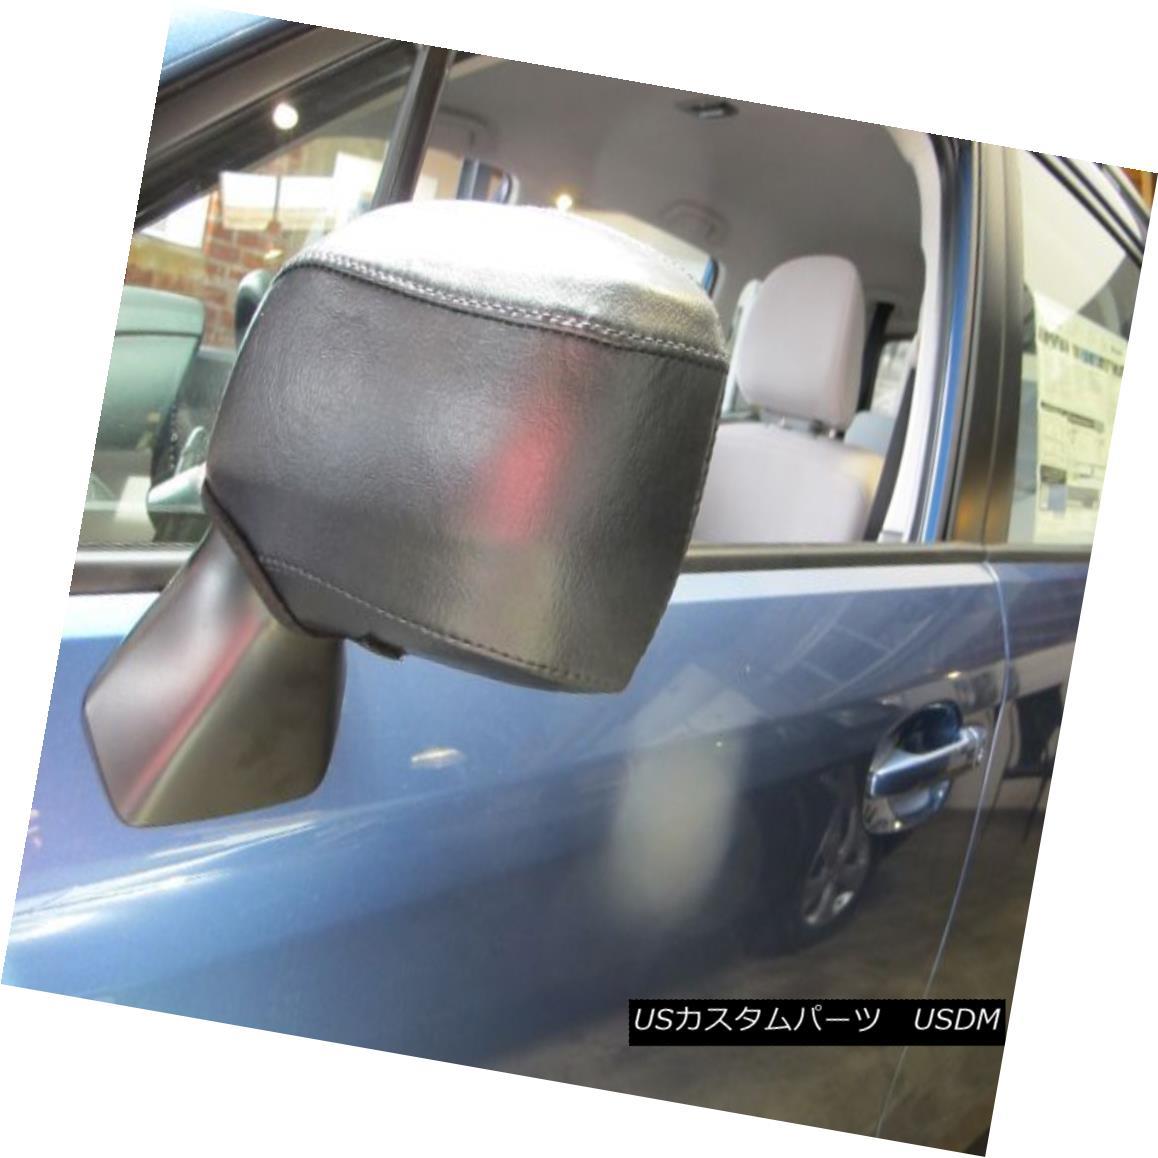 フルブラ ノーズブラ Colgan Car Mirror Covers Bra Black Fits 2015-16 Subaru WRX Sedan & Premium Sedan Colgan Car Mirrors Covers Braブラックは2015-16に適合するSubaru WRX Sedan& プレミアムセダン